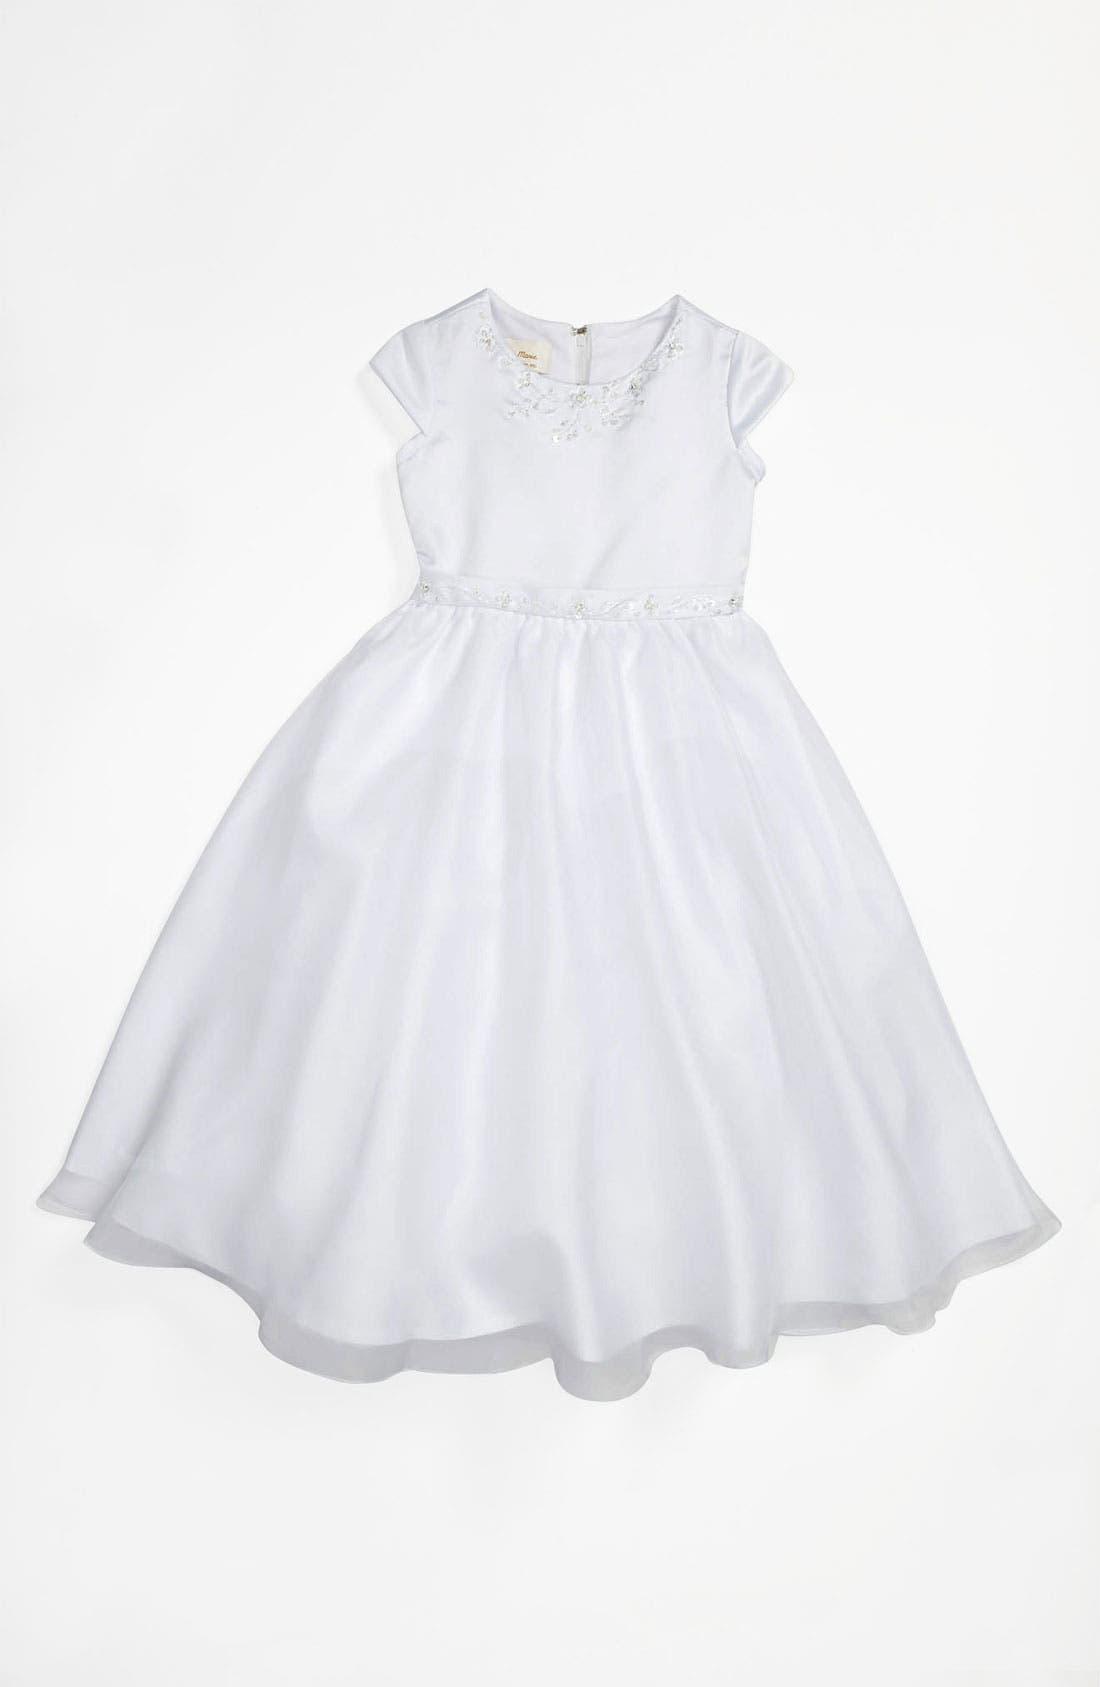 Alternate Image 1 Selected - Lauren Marie Beaded Dress (Little Girls & Big Girls)